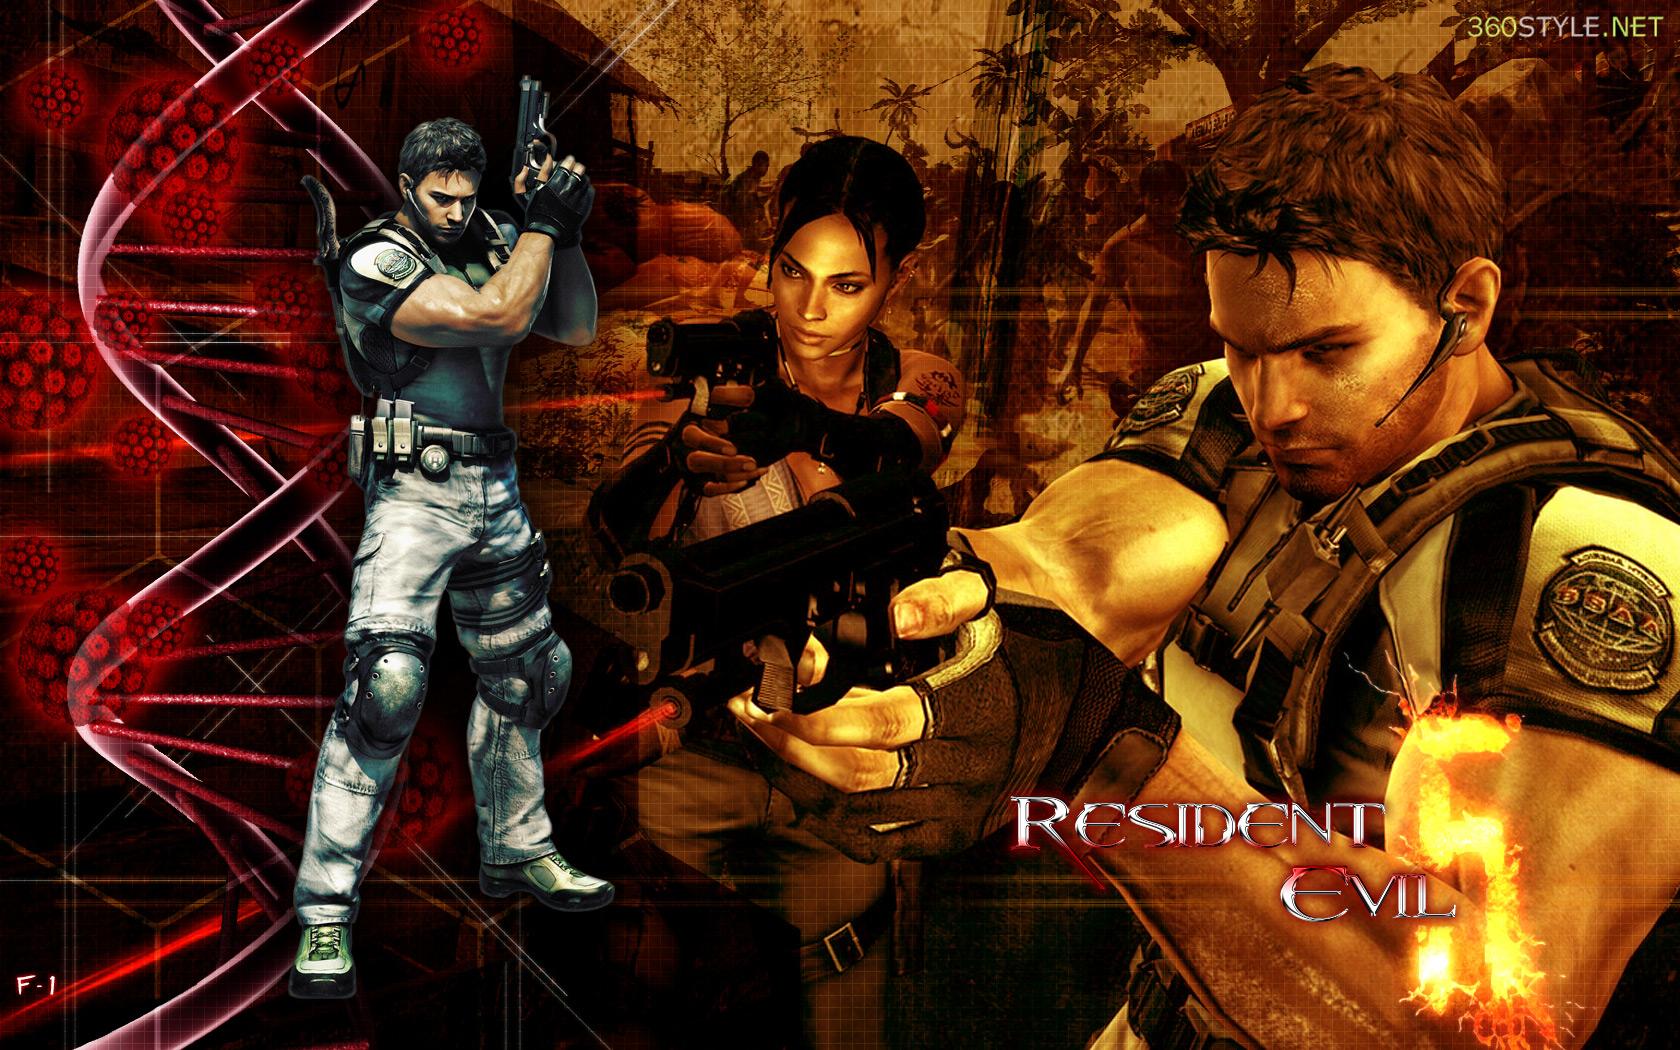 Resident Evil 5 Wallpaper Hd Resident Evil Game Character List